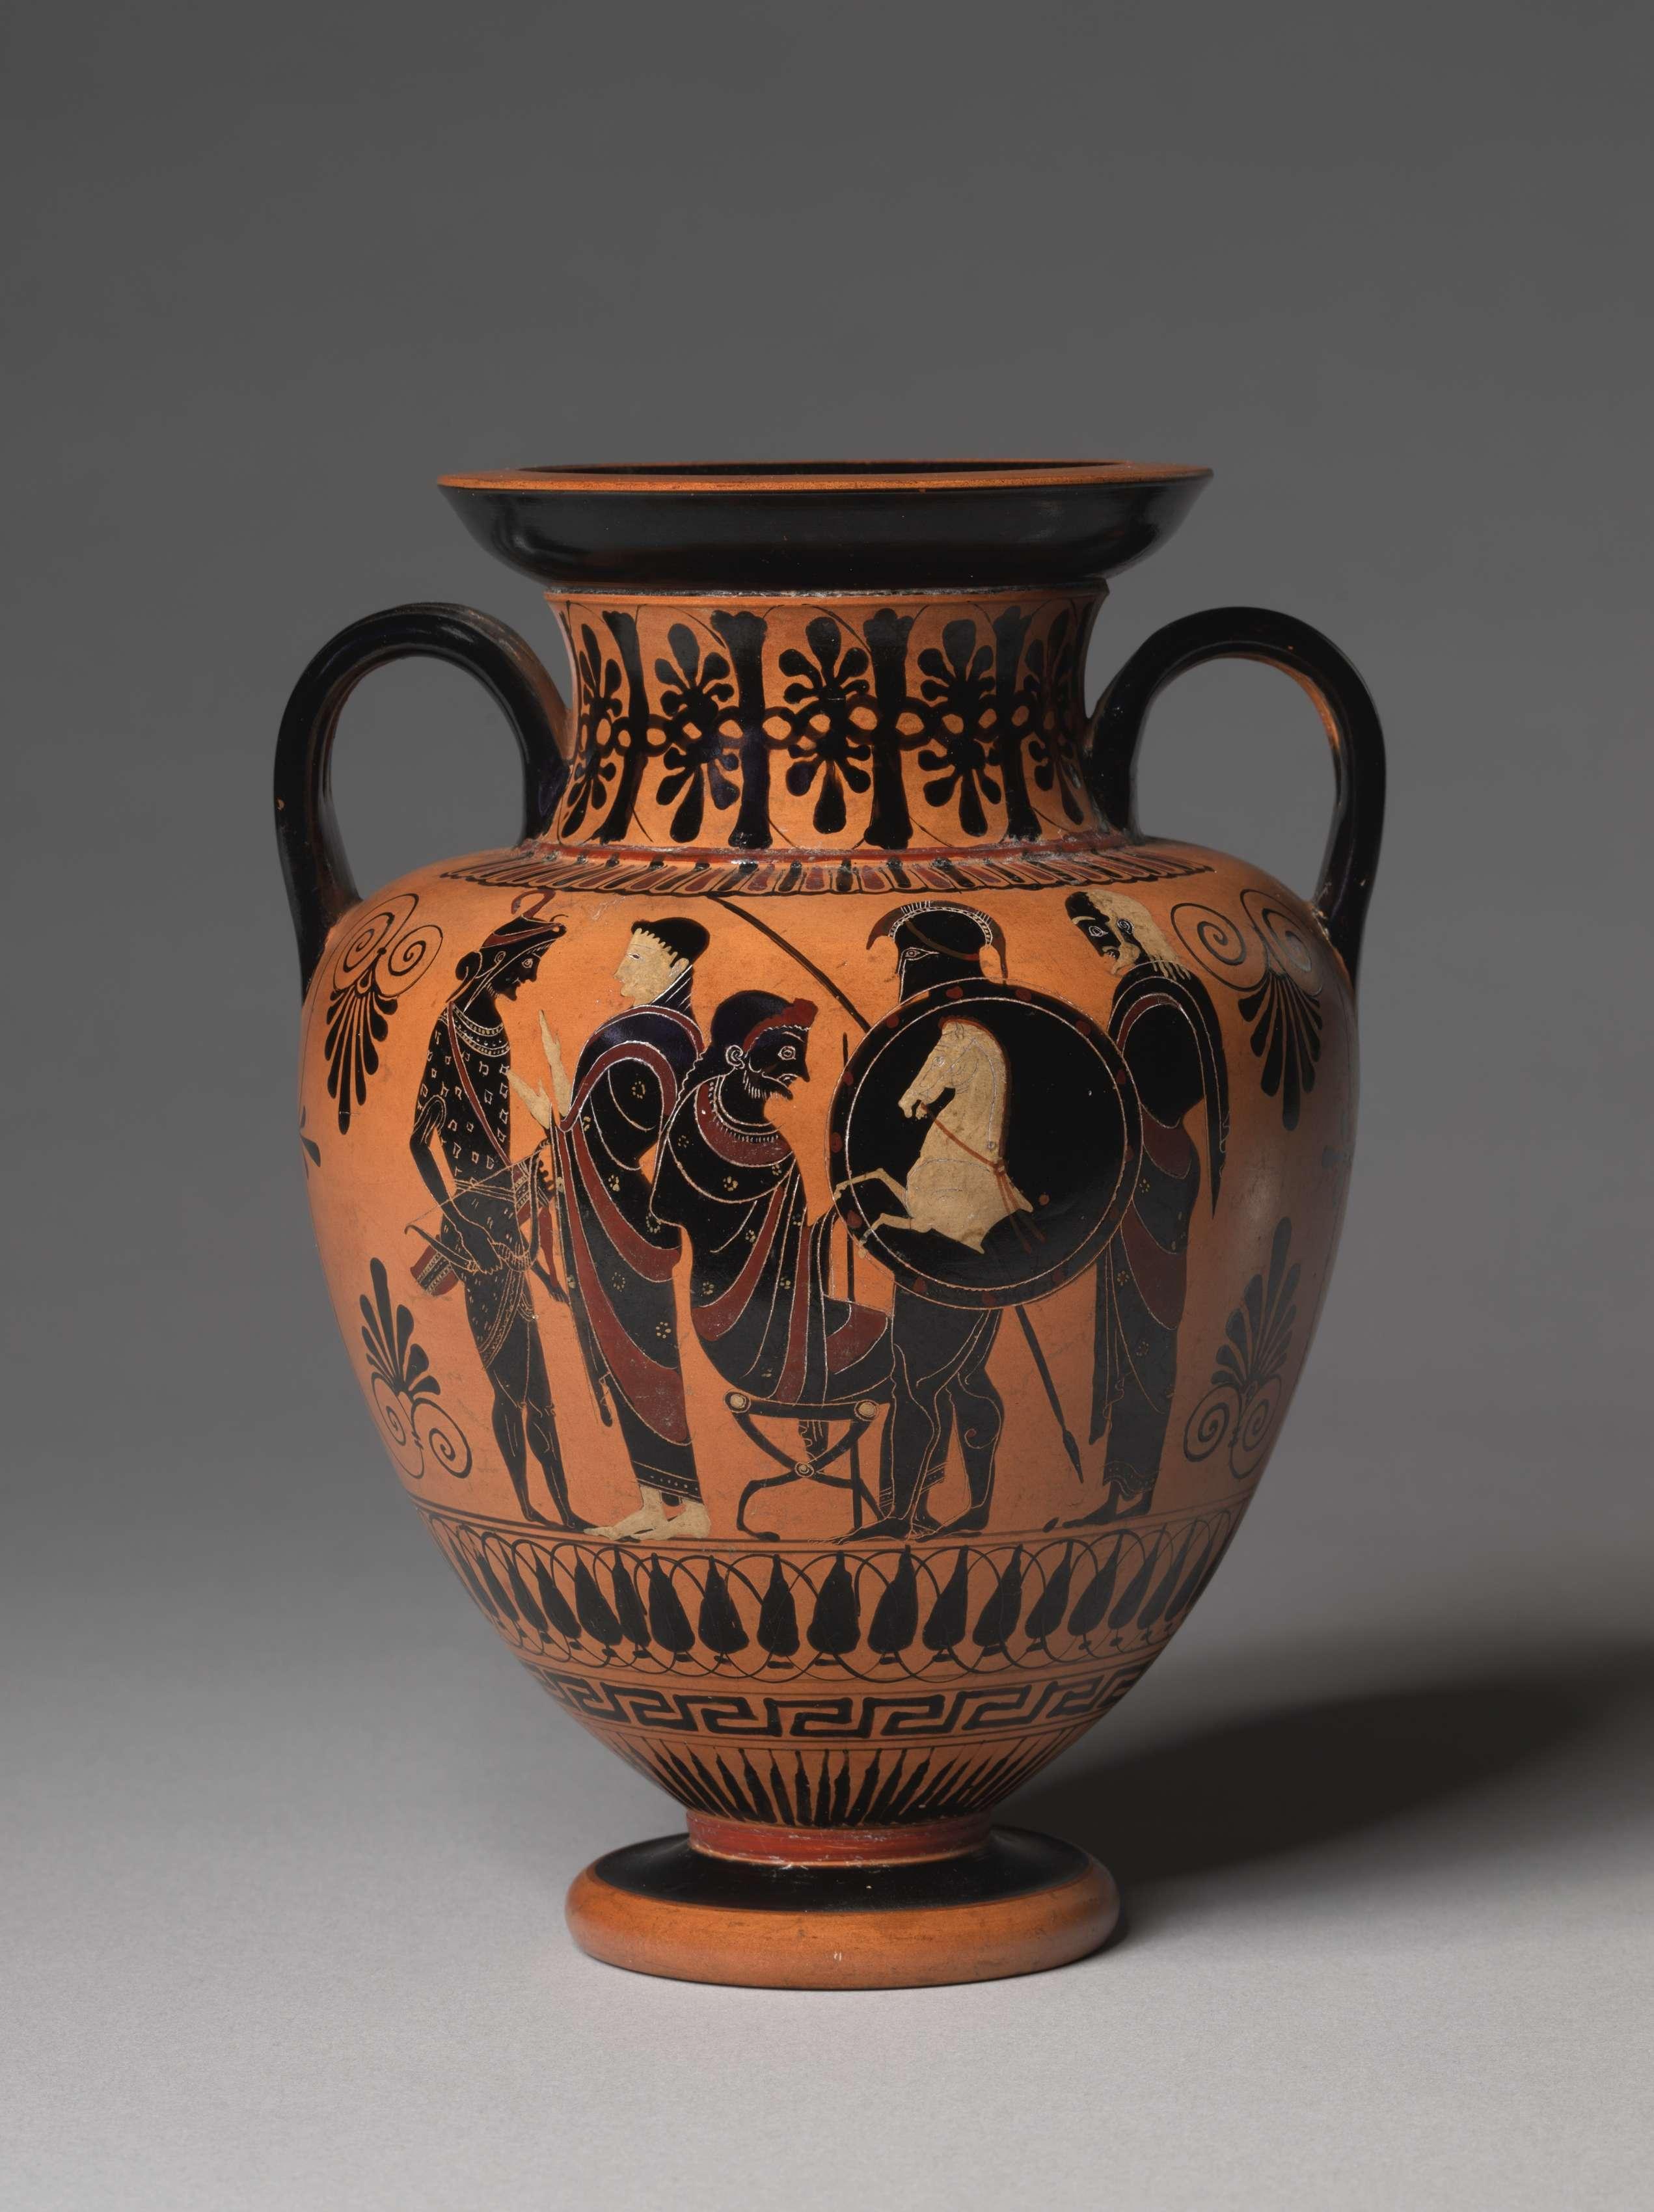 Διόνυσος και Σάτυροι. Black-Figure Neck-Amphora (Storage Vessel): Departing Warriors (A); Dionysos and Satyrs (B) c. 520-510 BC. Μουσείο Τέχνης του Κλίβελαντ.